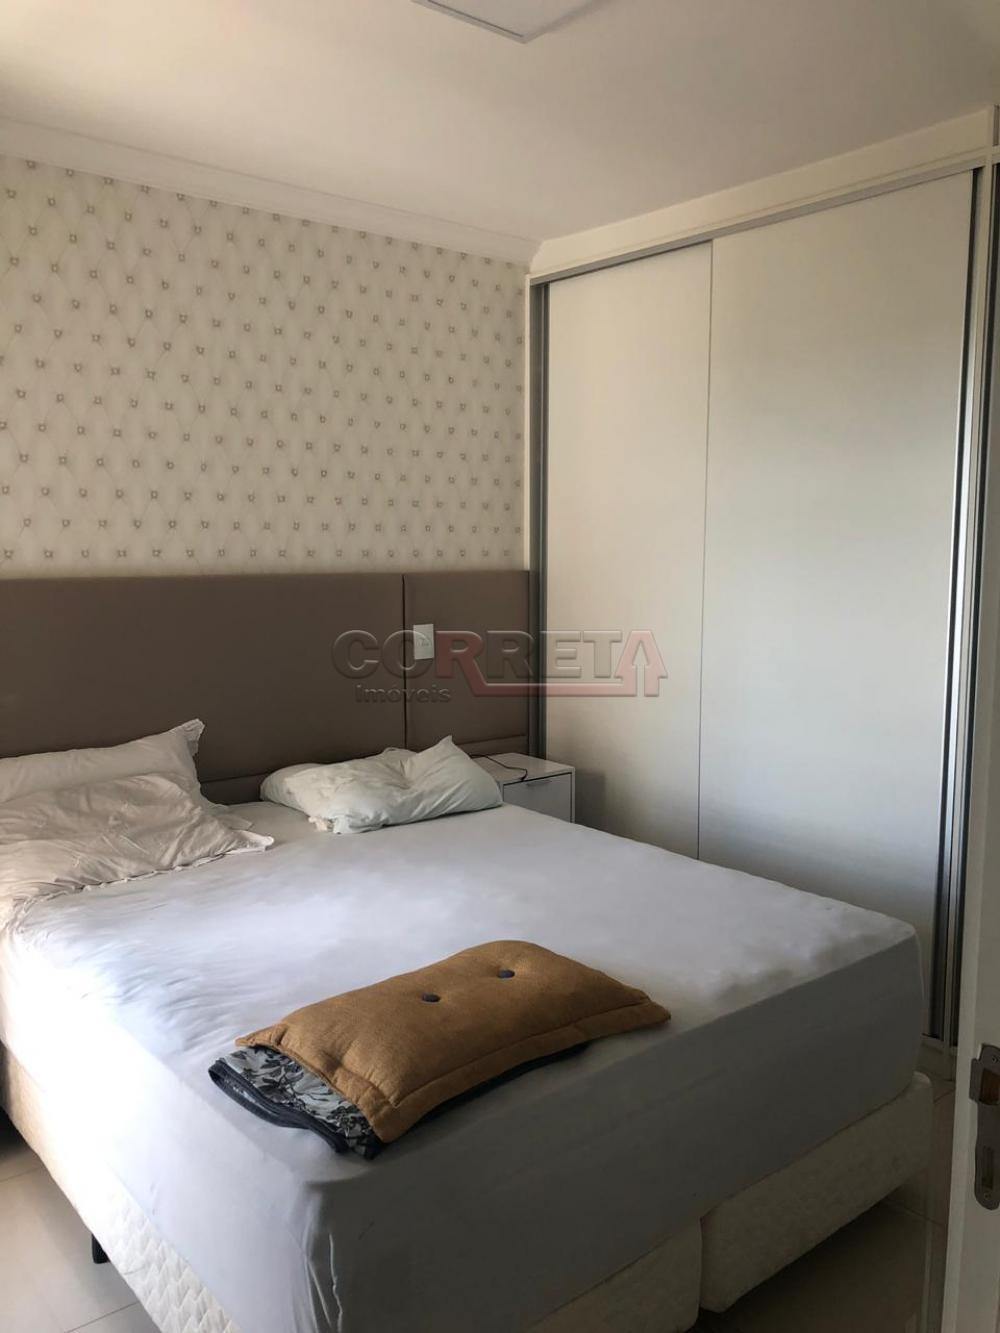 Comprar Apartamento / Padrão em Araçatuba R$ 570.000,00 - Foto 14